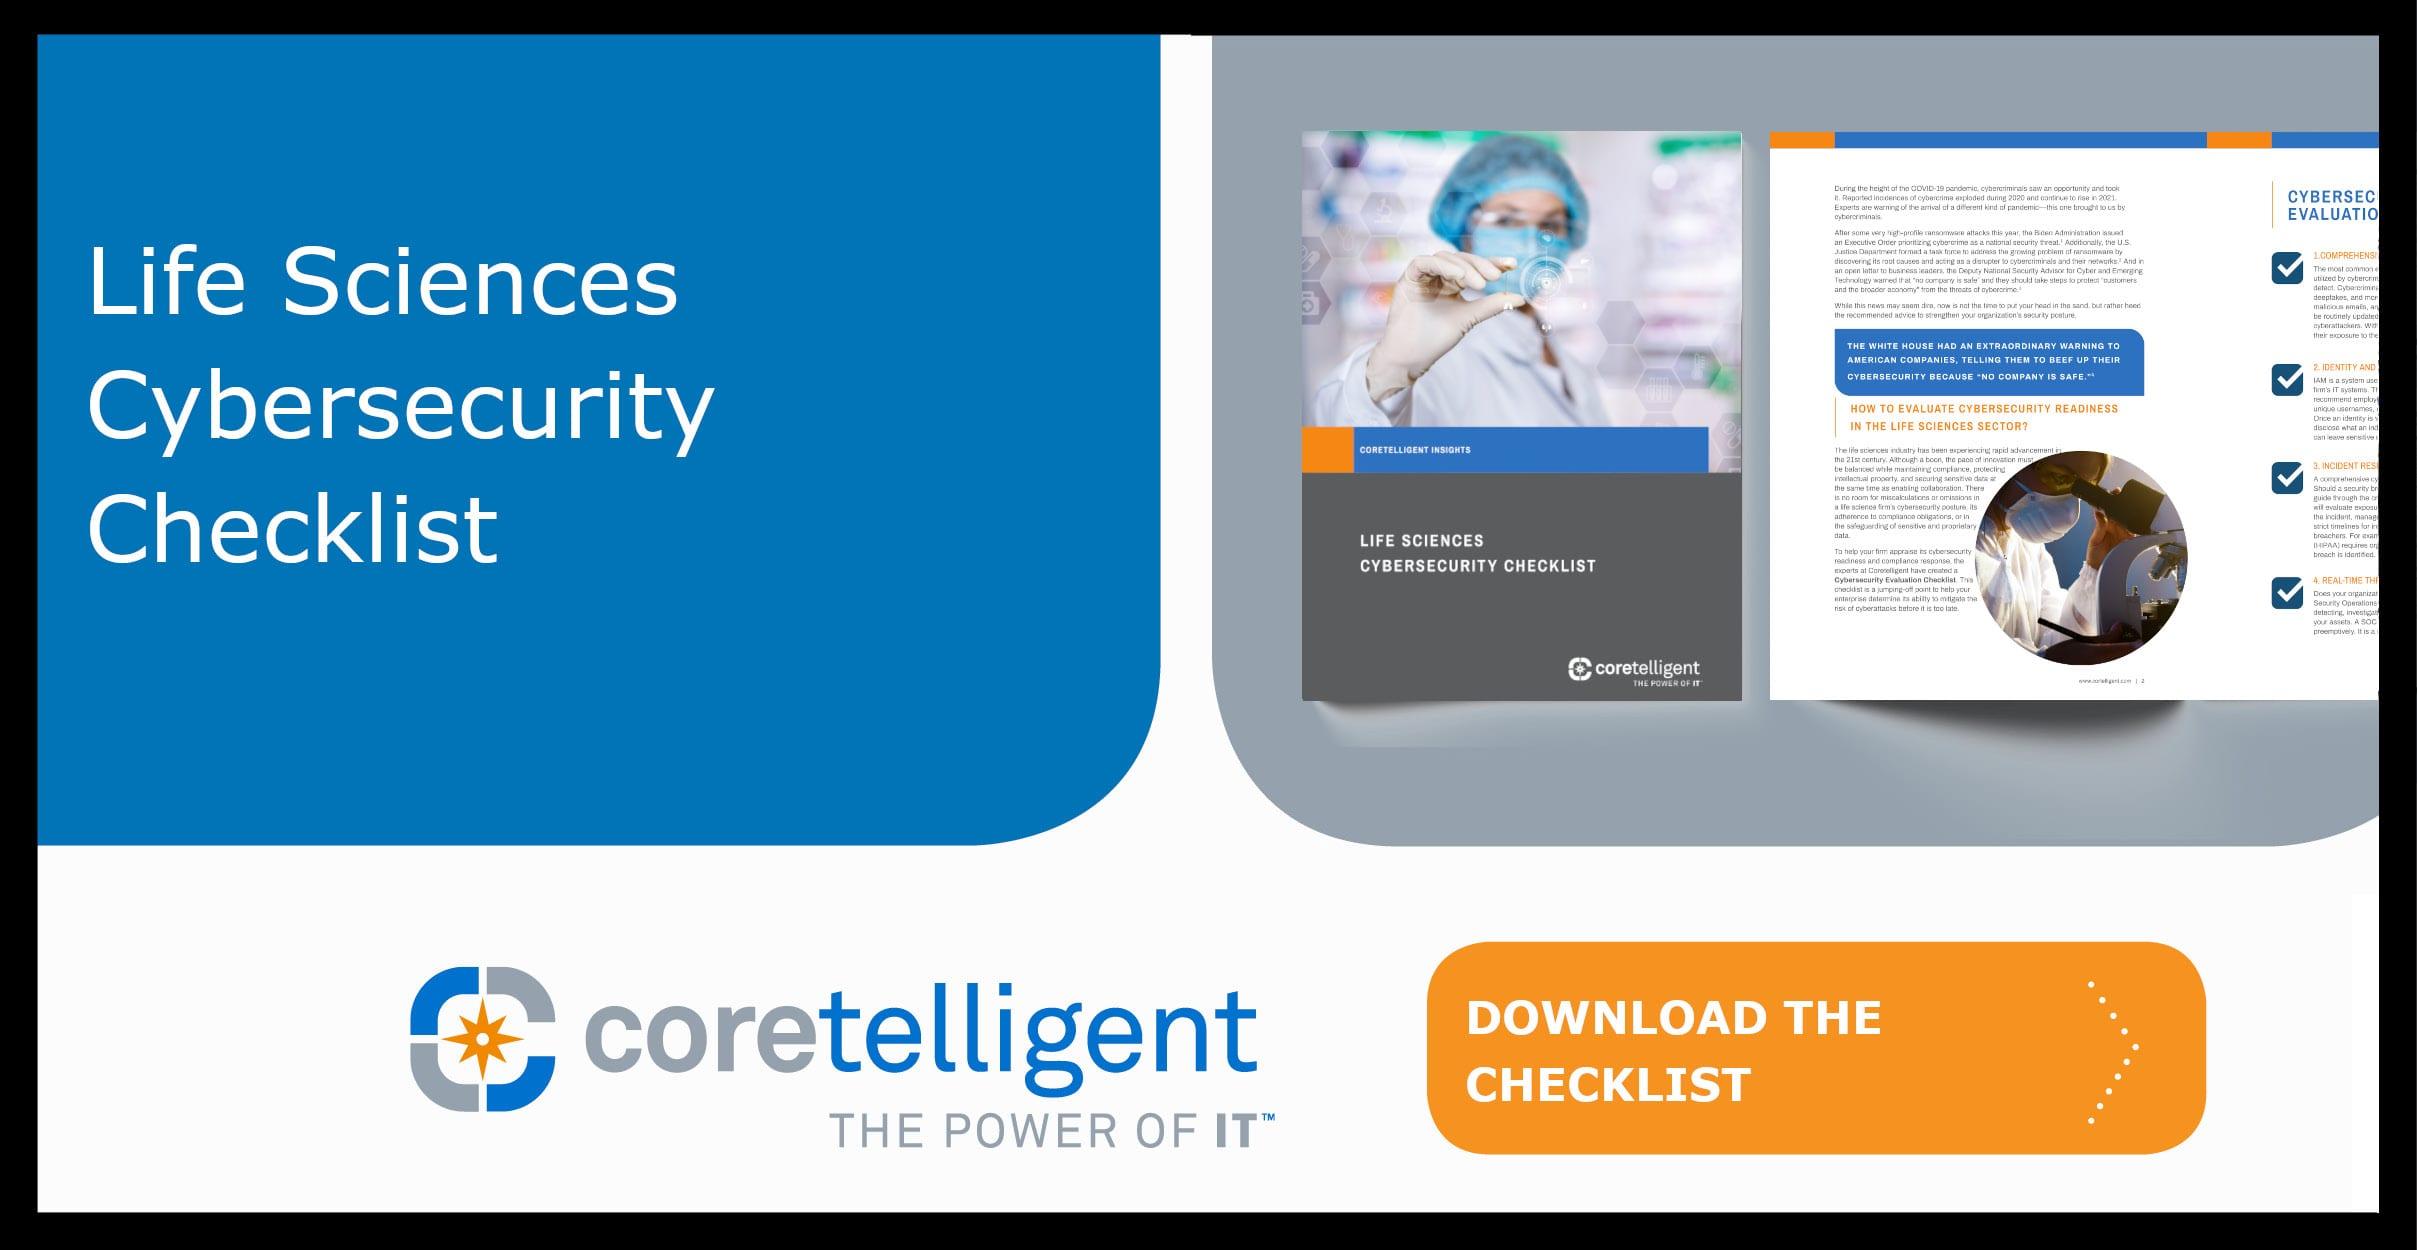 Life Sciences Cybersecurity Checklist